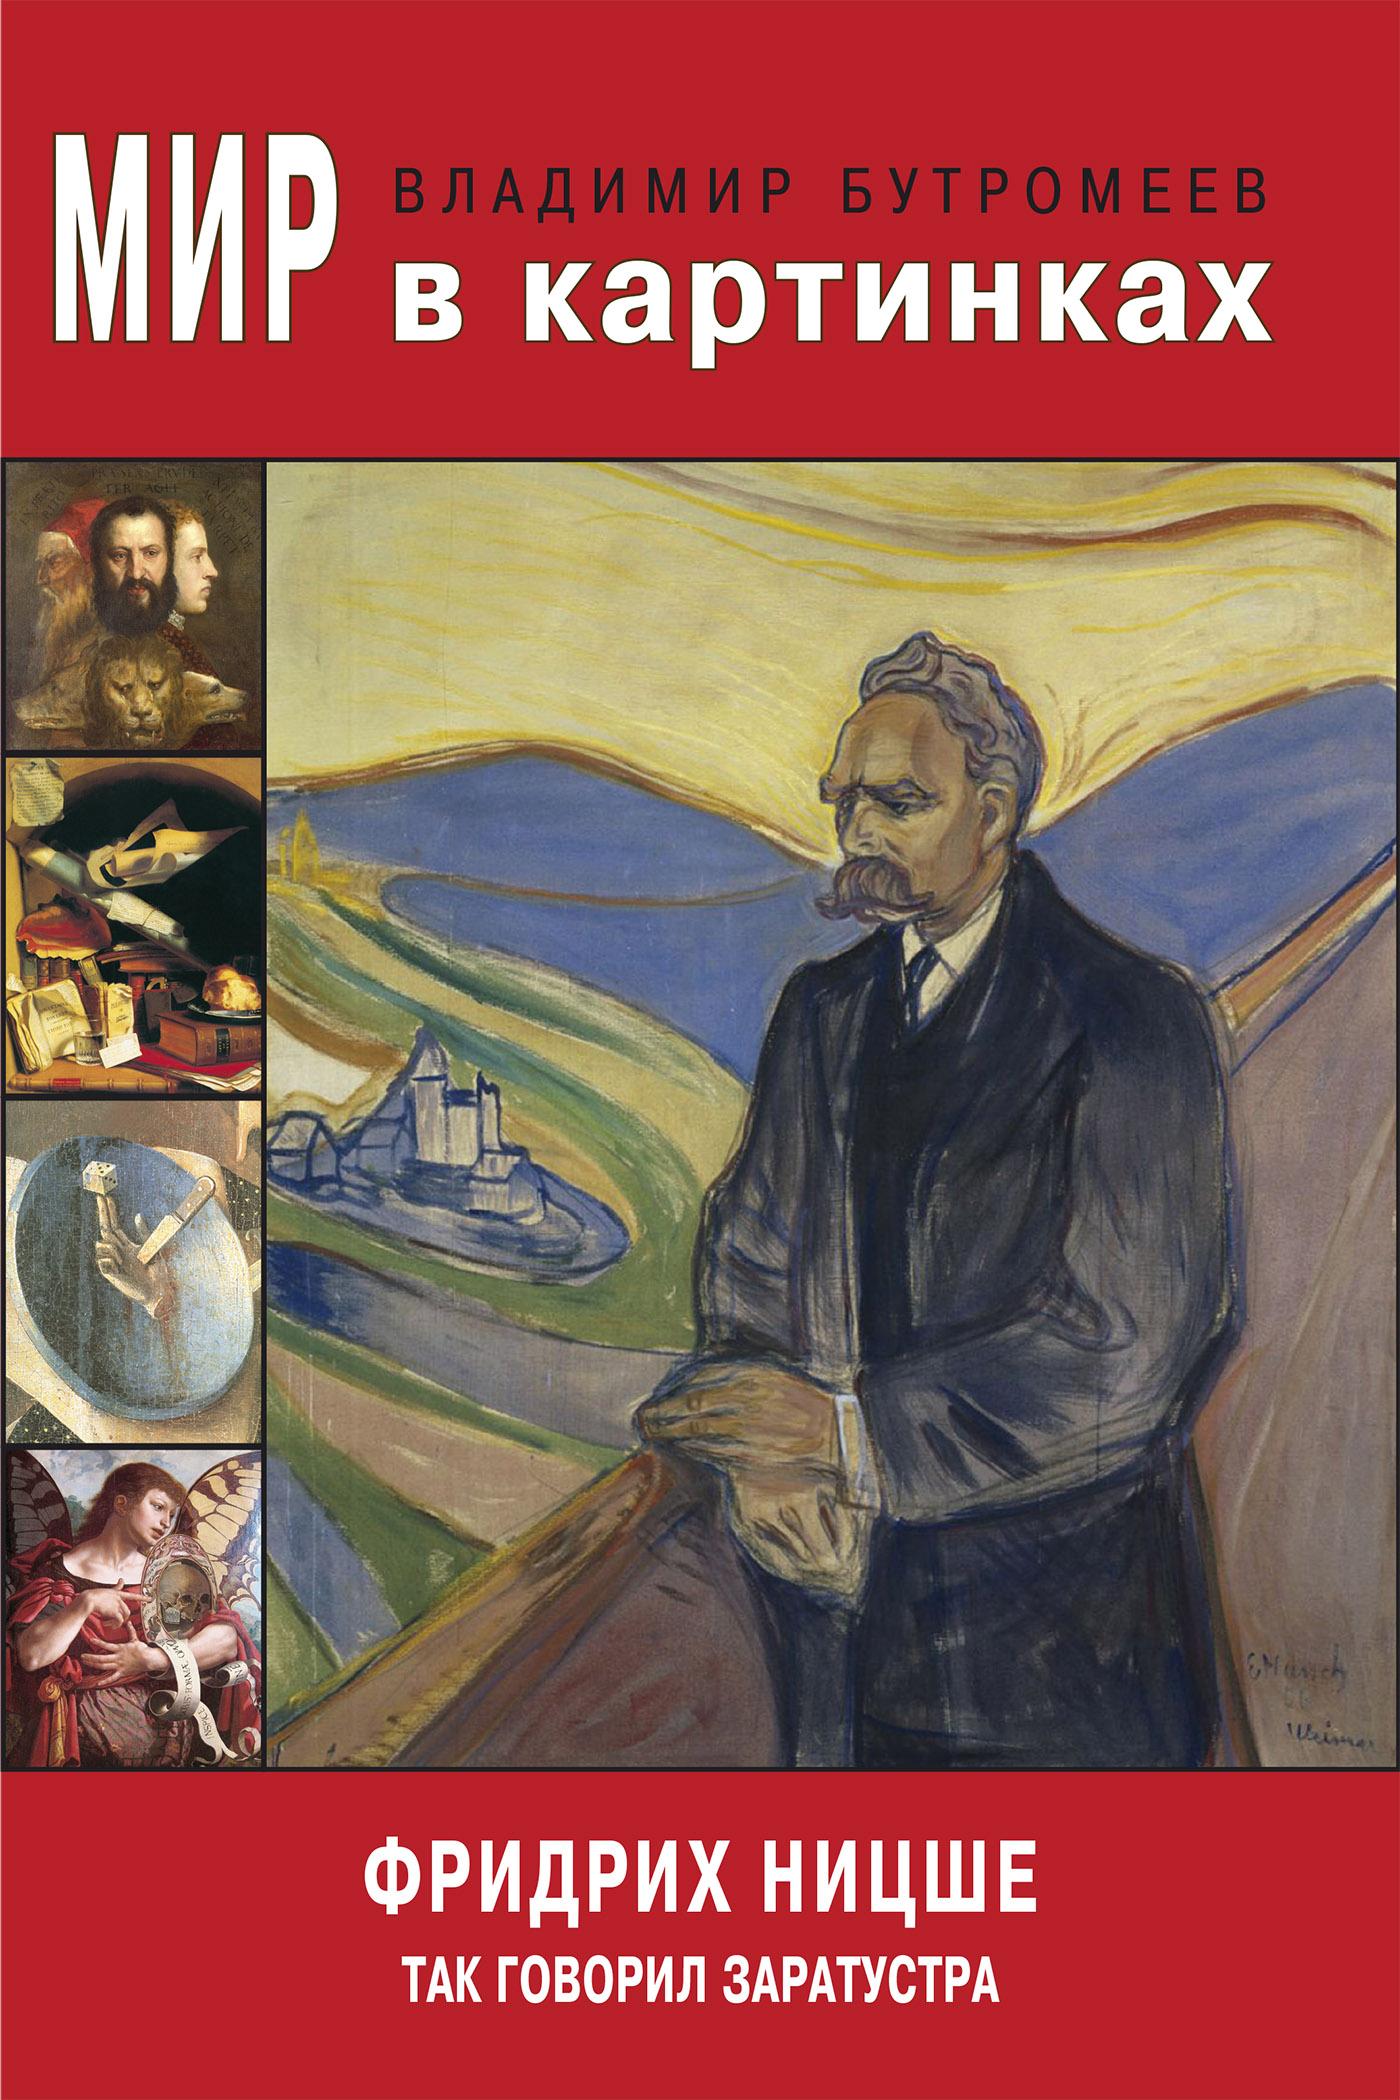 Фридрих Вильгельм Ницше Мир в картинках. Фридрих Ницше. Так говорил Заратустра в п бутромеев так говорил владимир путин мысли и высказывания